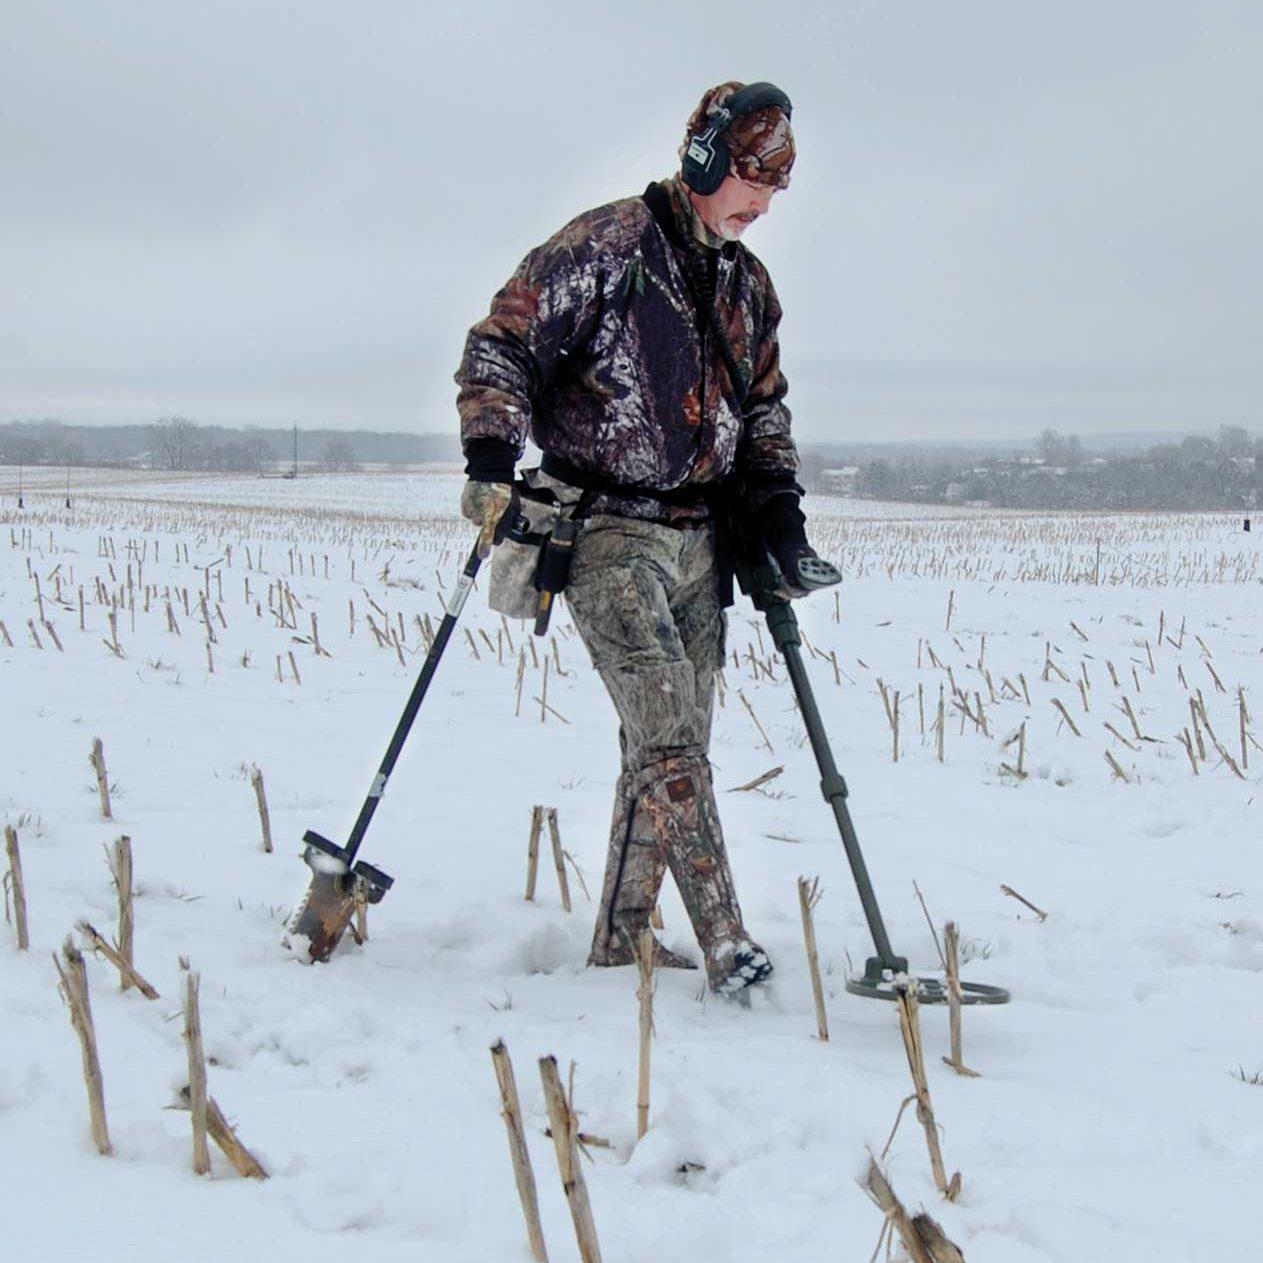 Metal Detector ATX Garrett per reicerche anche sotto la neve